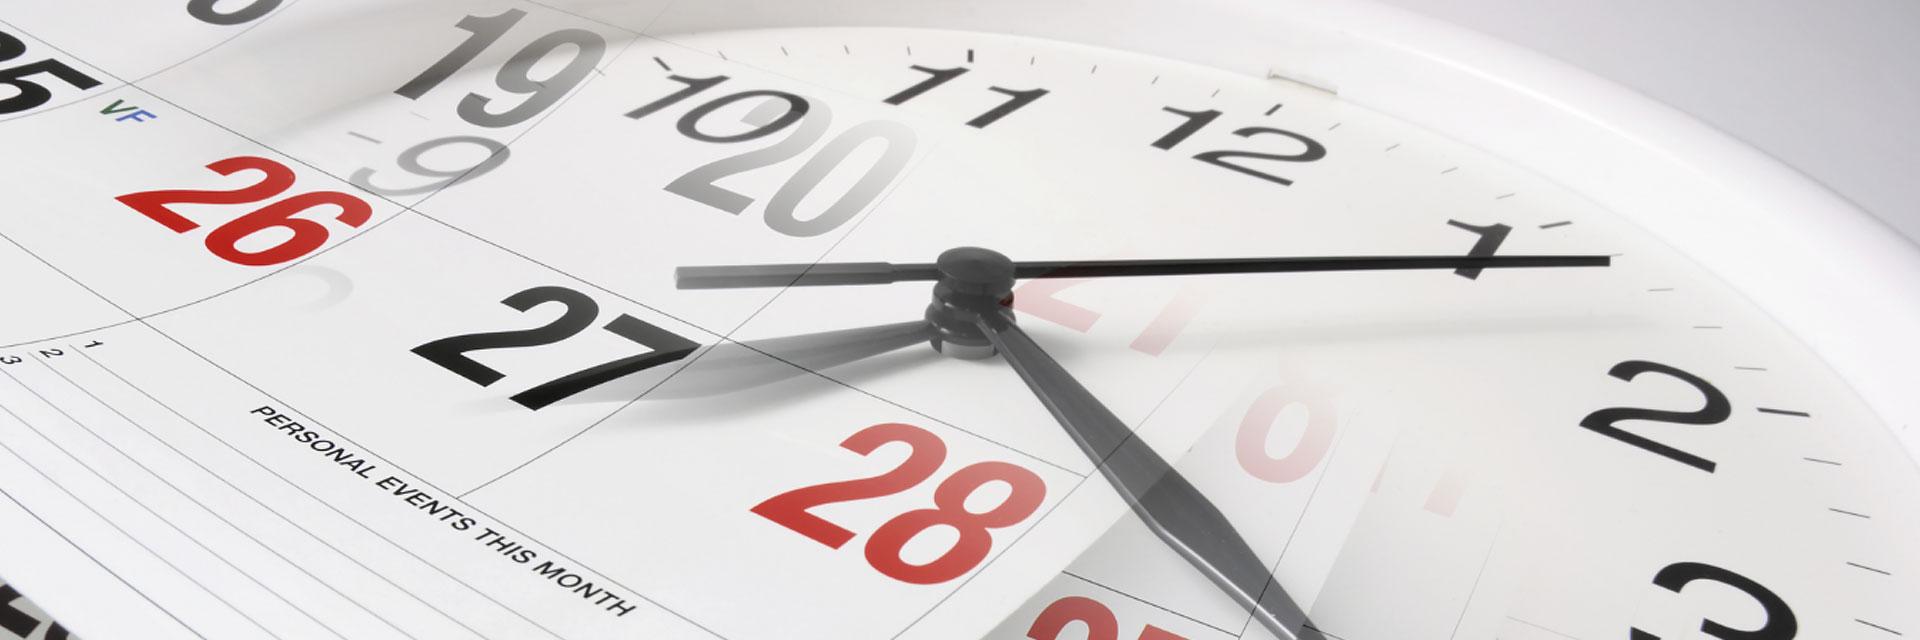 什么日期和时间发送外贸开发信的打开率和回复率最高?这个50万+的B2B销售邮件的Infographic可以给你一些启发